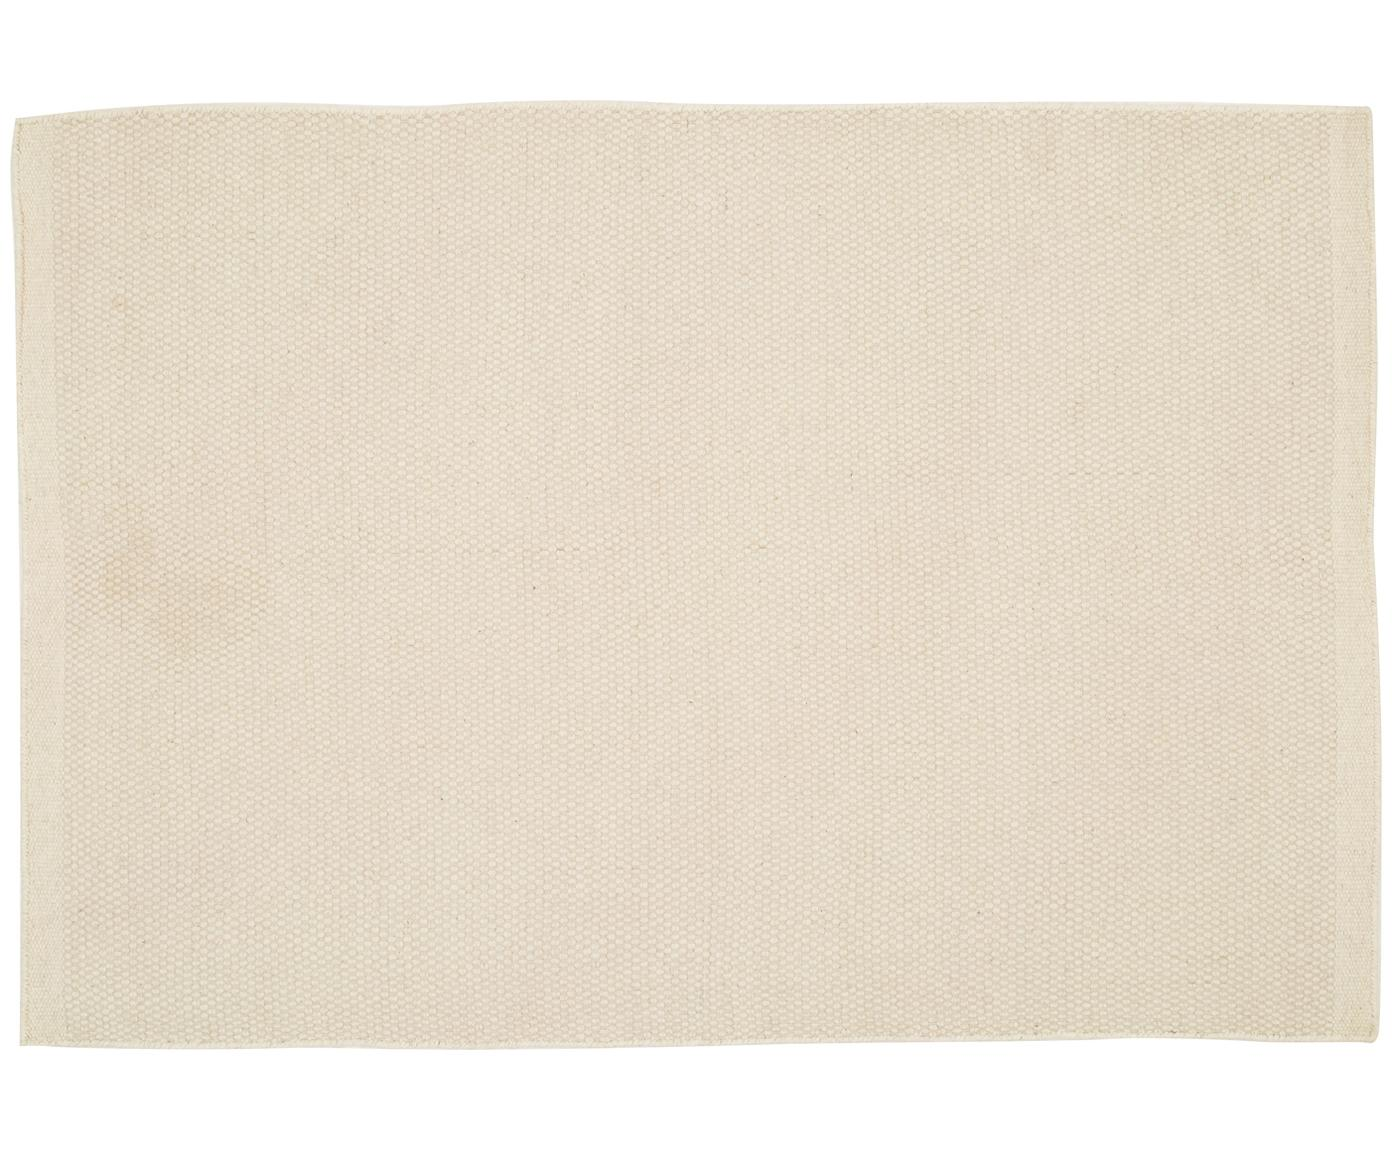 Handgewebter Kelimteppich Delight aus Wolle in Cremeweiss, Flor: 90% Wolle, 10% Baumwolle, Wollweiss, B 200 x L 300 cm (Grösse L)